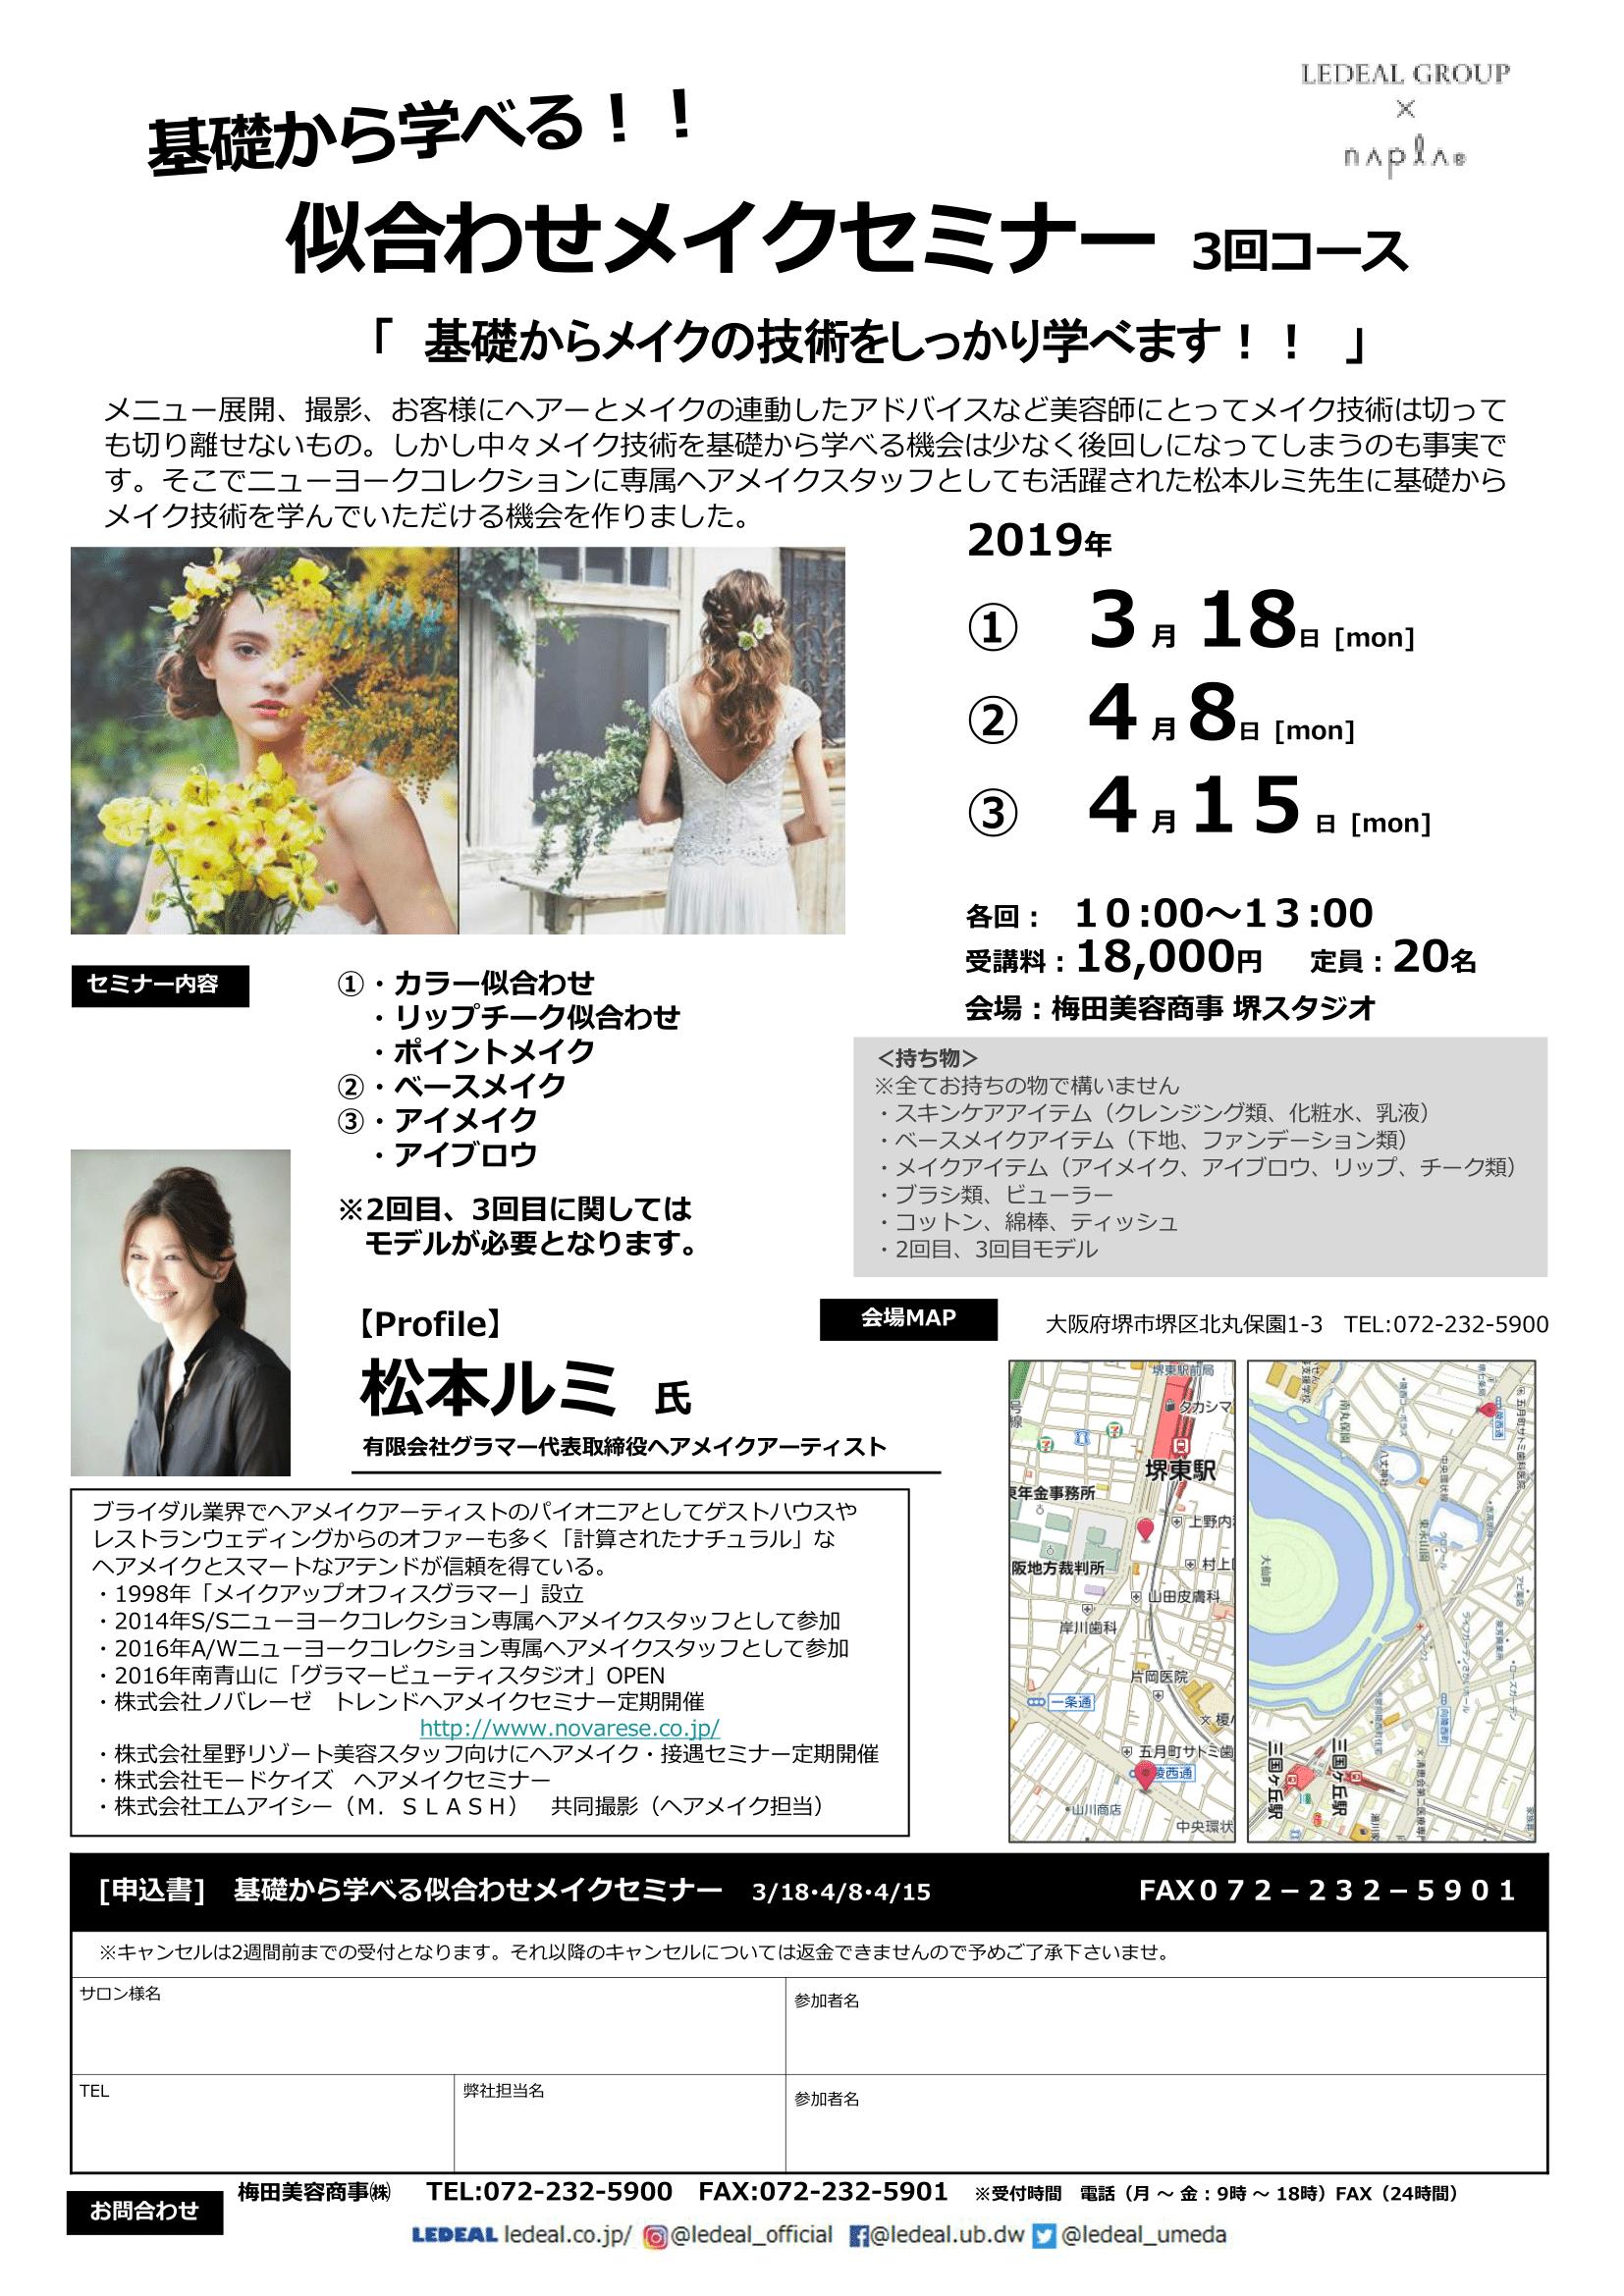 【堺】基礎から学べる!!似合わせメイクセミナー 3回コース